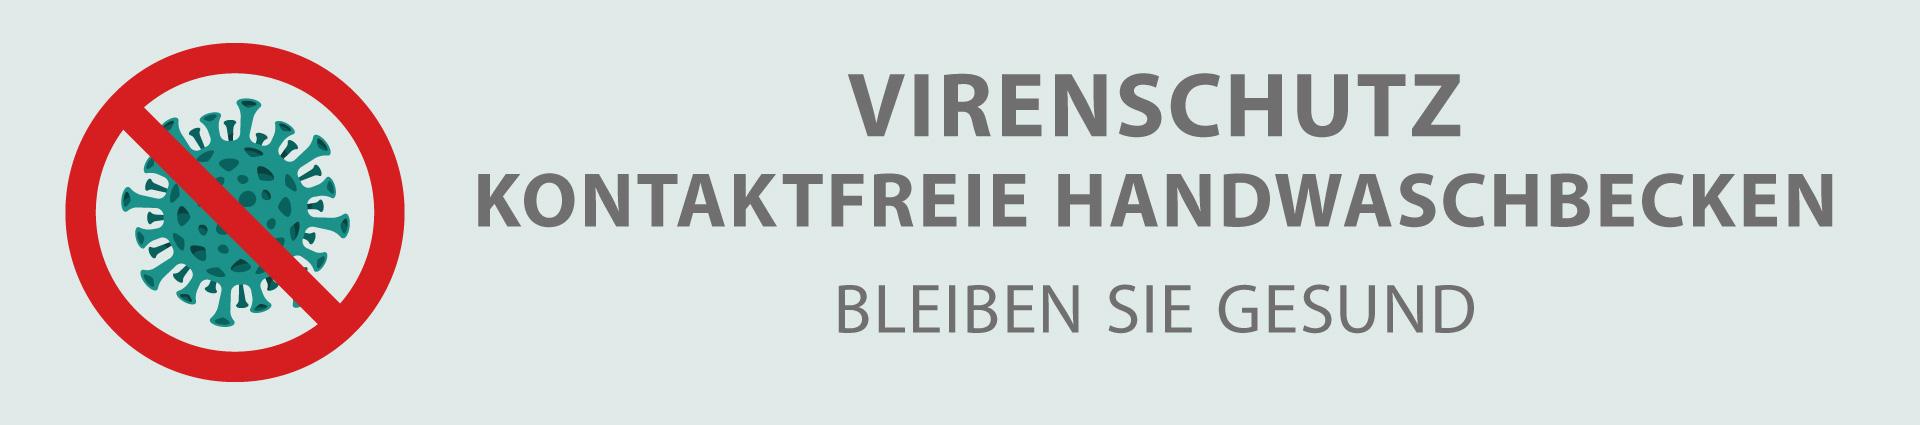 Kontaktfreie Handwaschbecken Banner